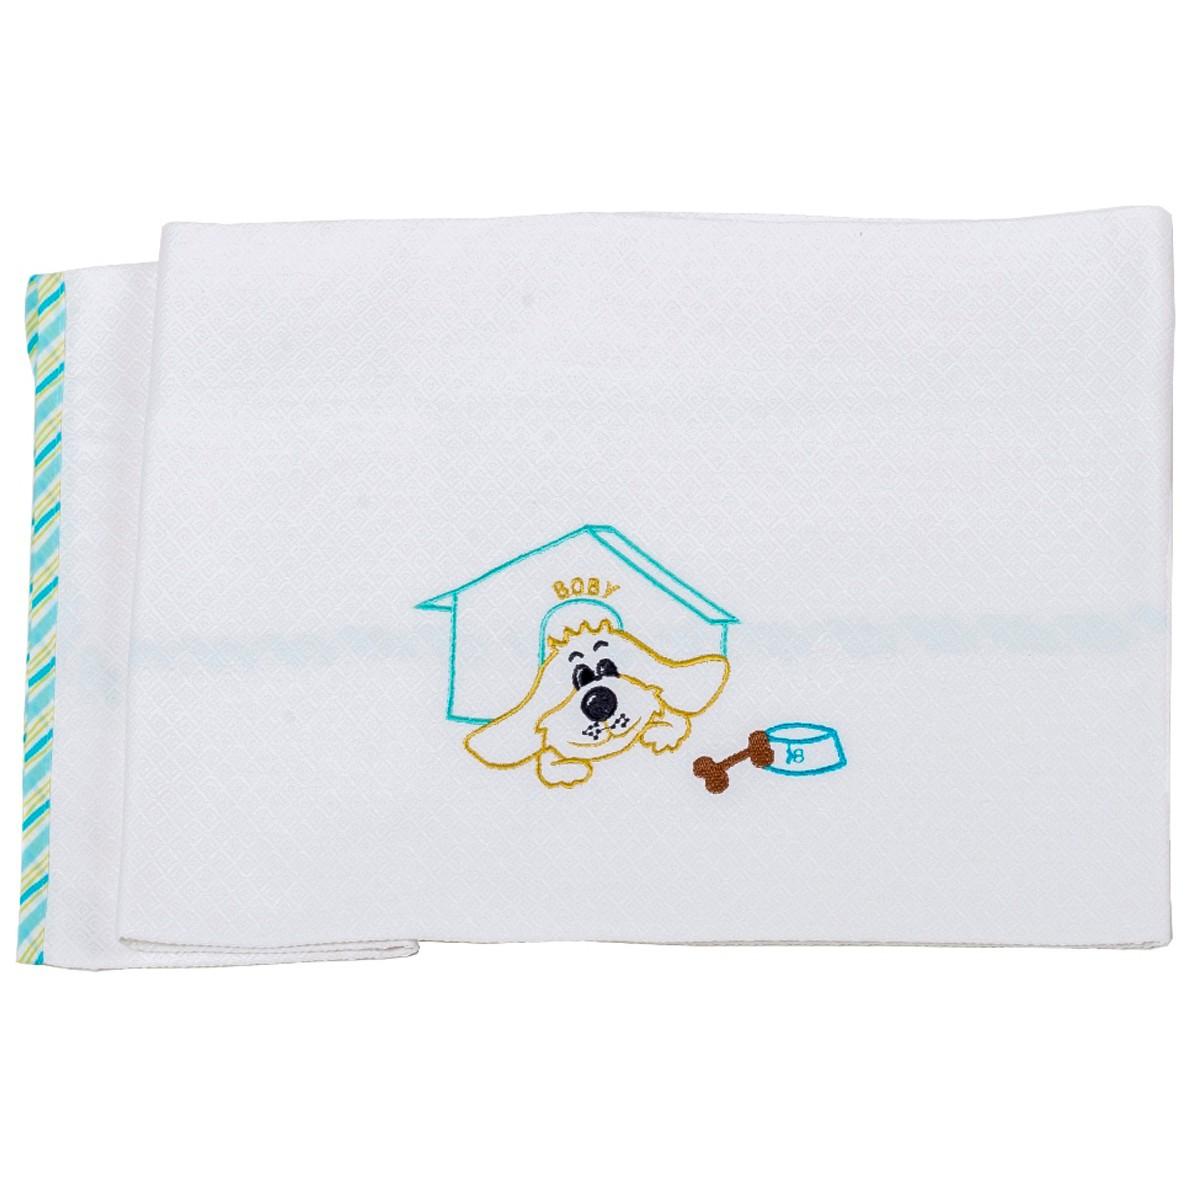 Κουβέρτα Πικέ Αγκαλιάς Κόσμος Του Μωρού 0302 Boby Τυρκουάζ